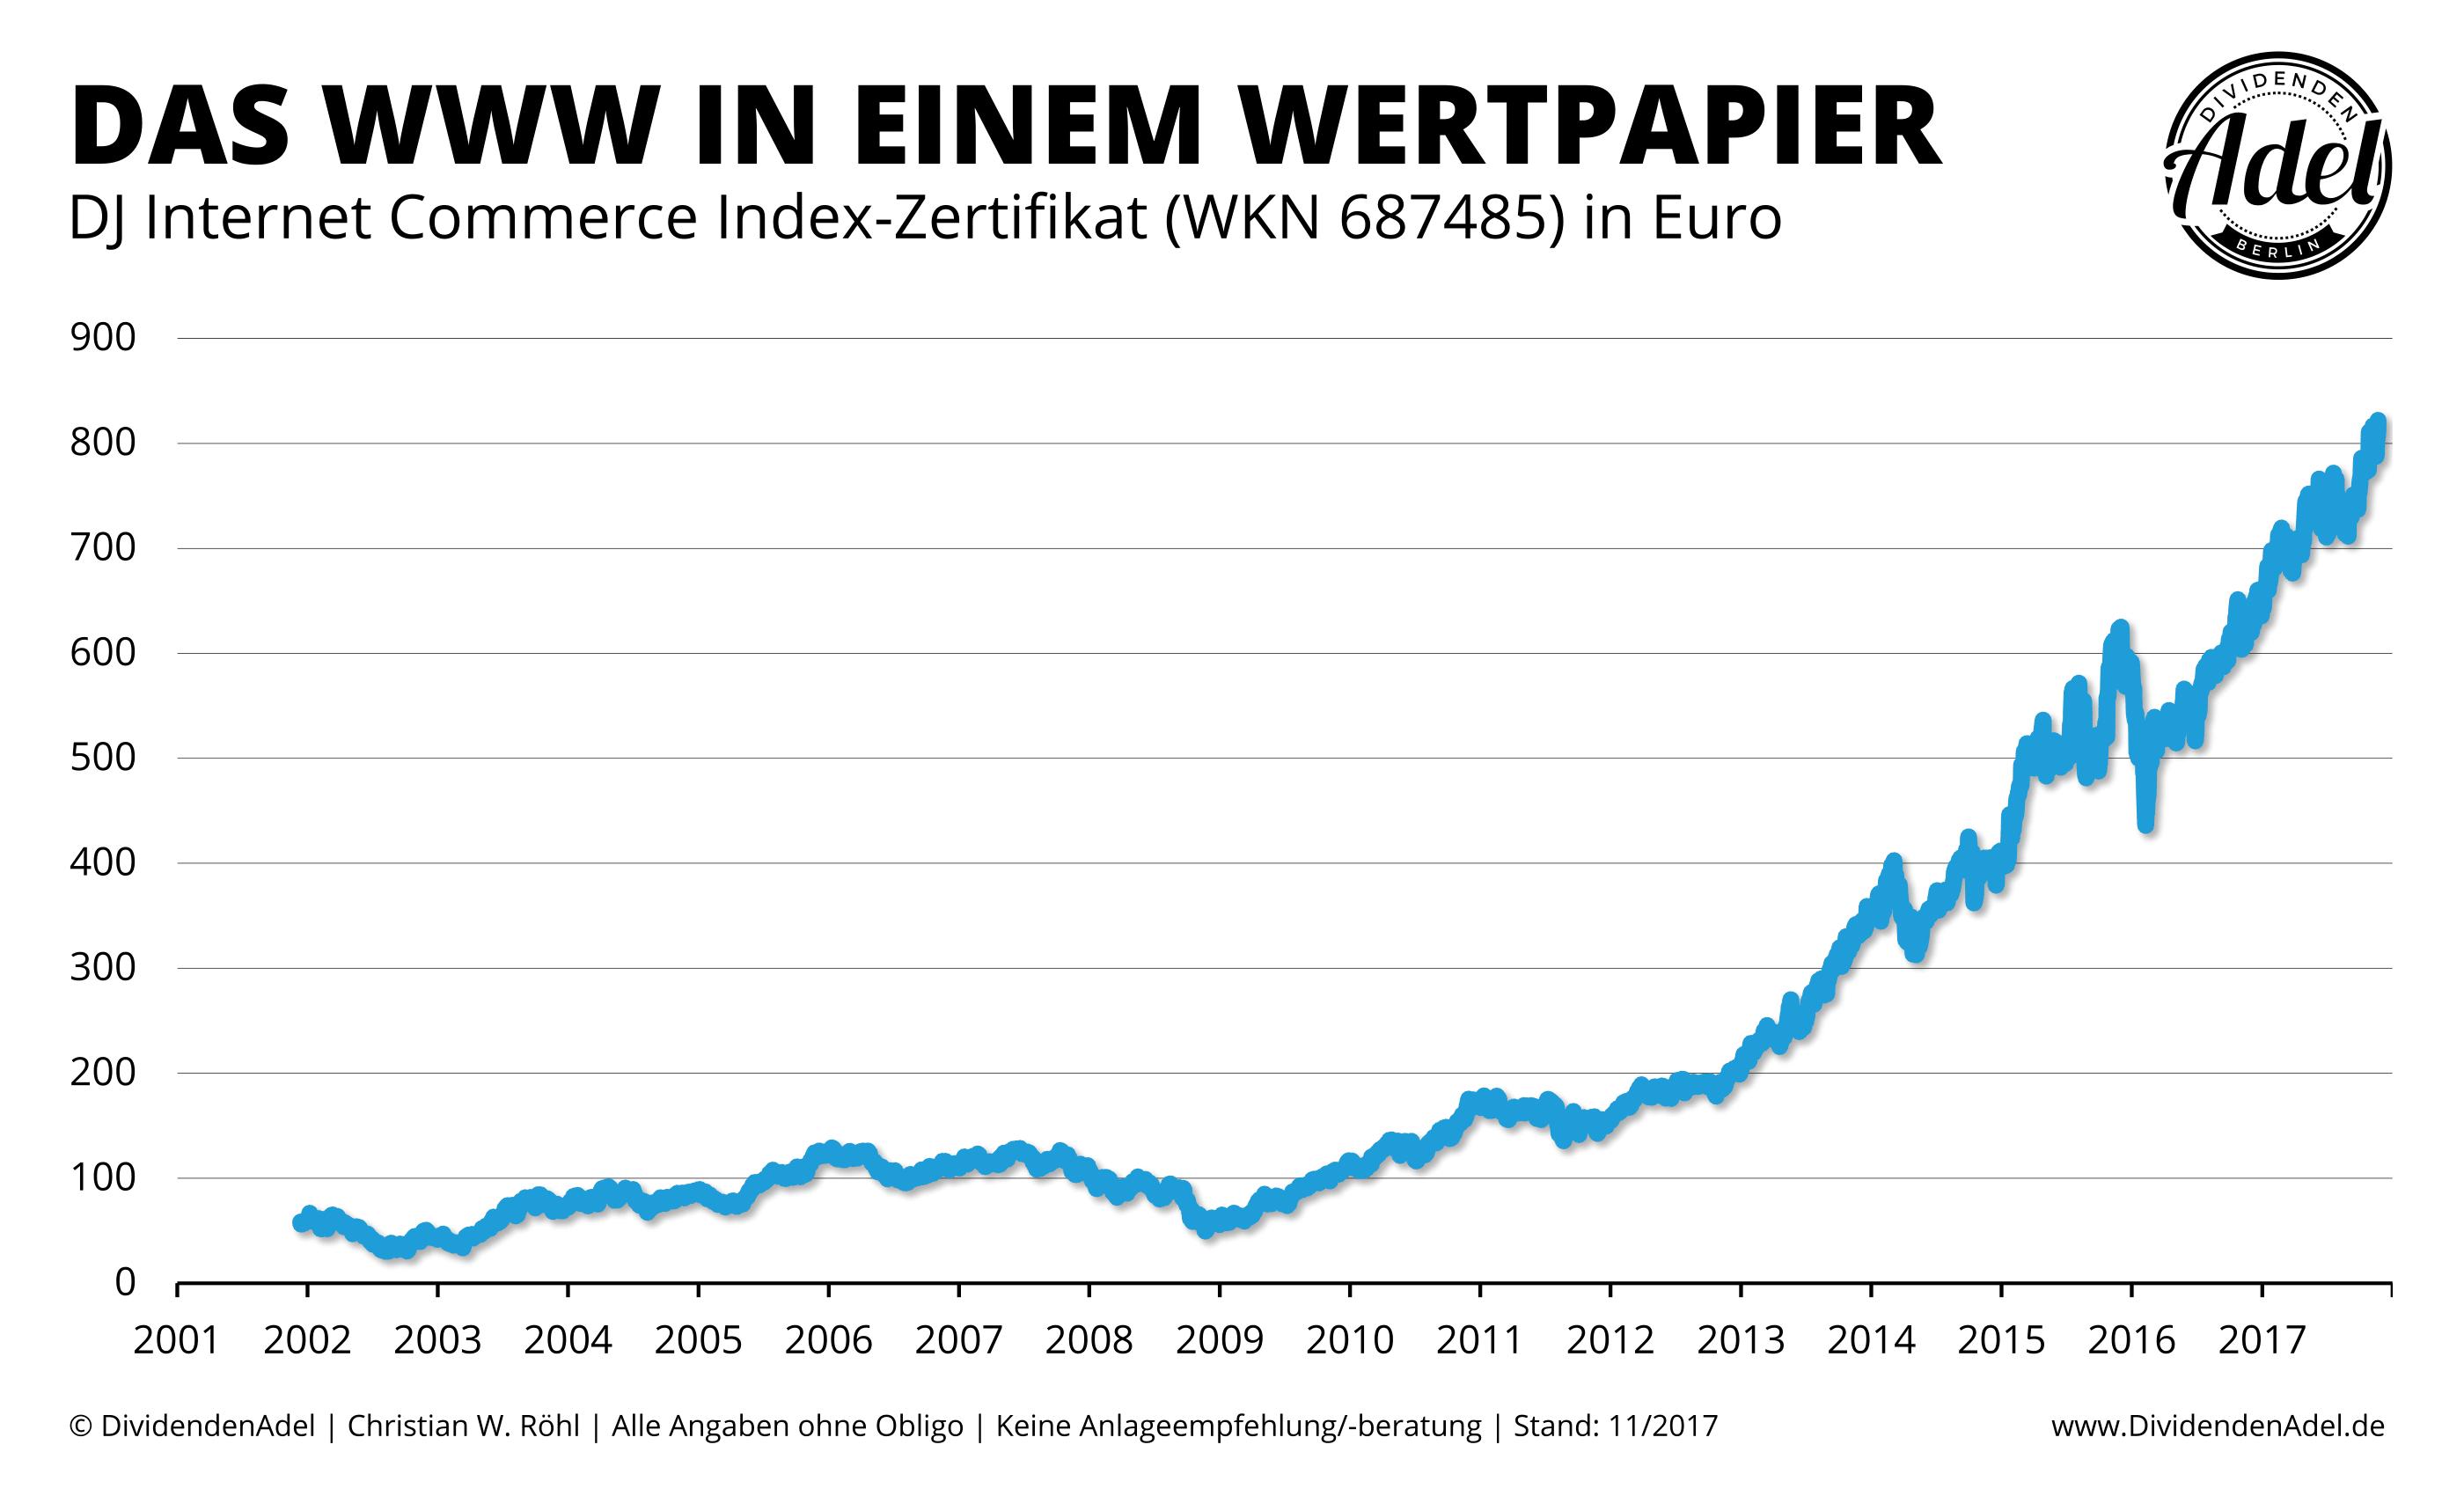 Dow-Jones-Internet-Commerce-Zertifikat